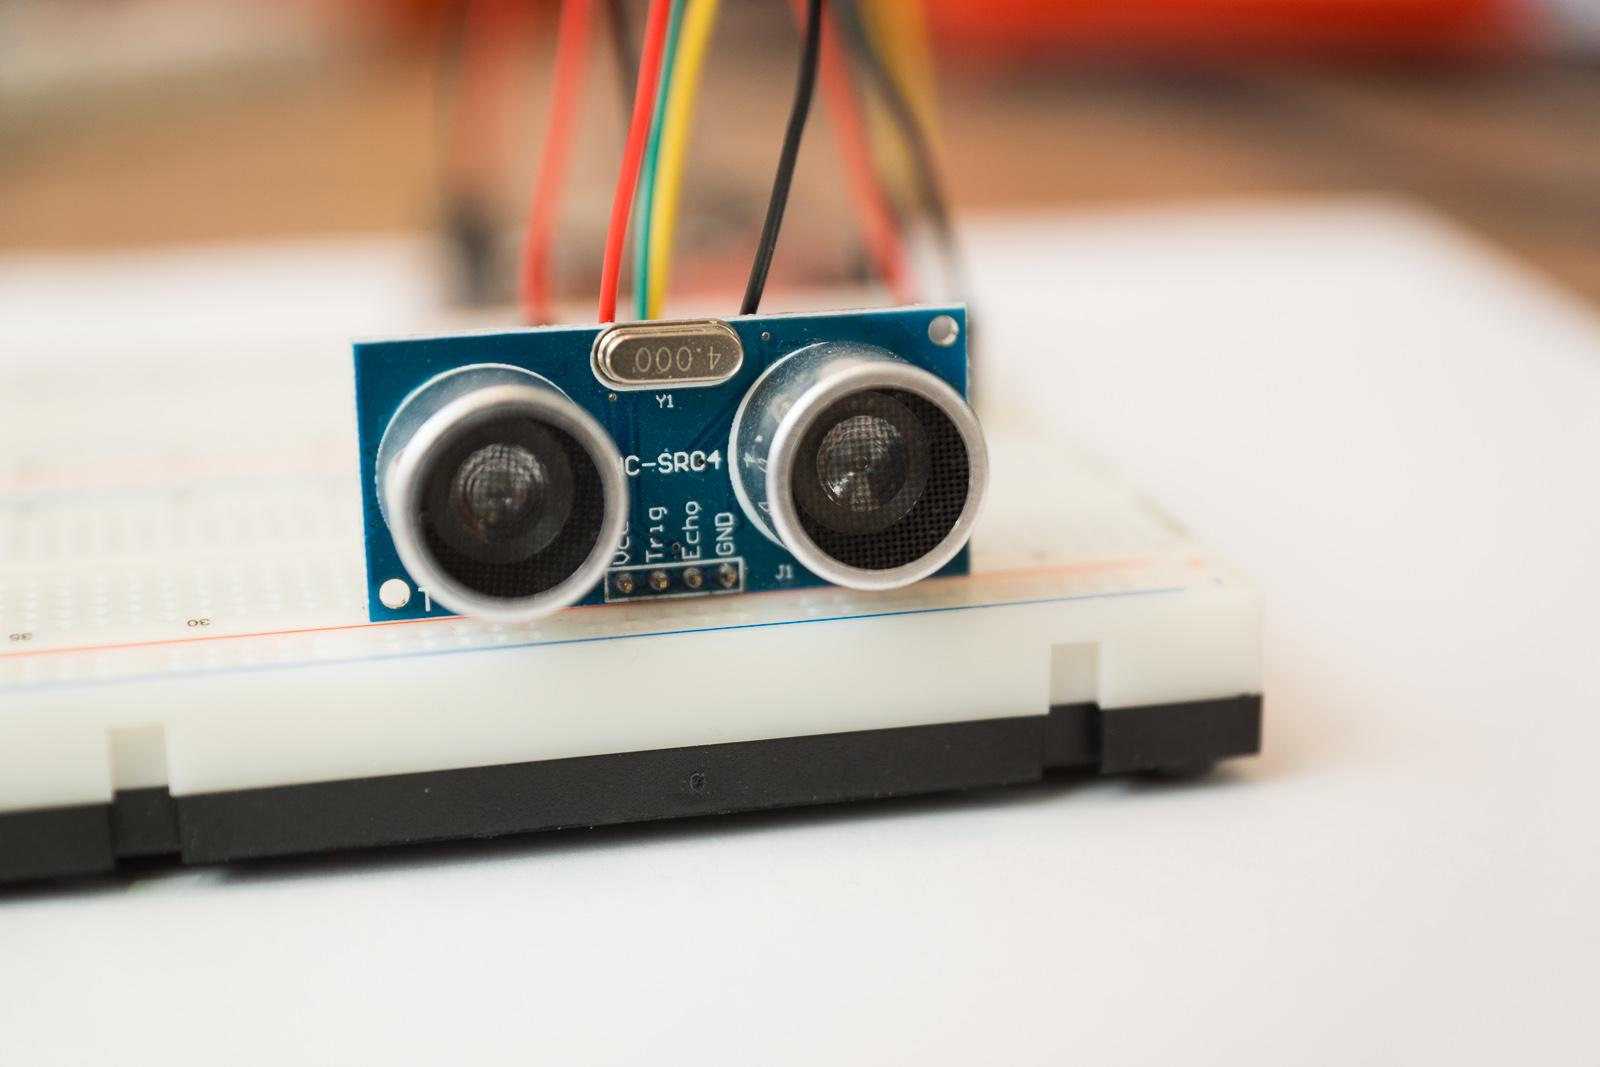 Entfernungsmessung Mit Ultraschall : Ultraschall entfernungsmesser hc sr04 u2013 netmf tutorial.de